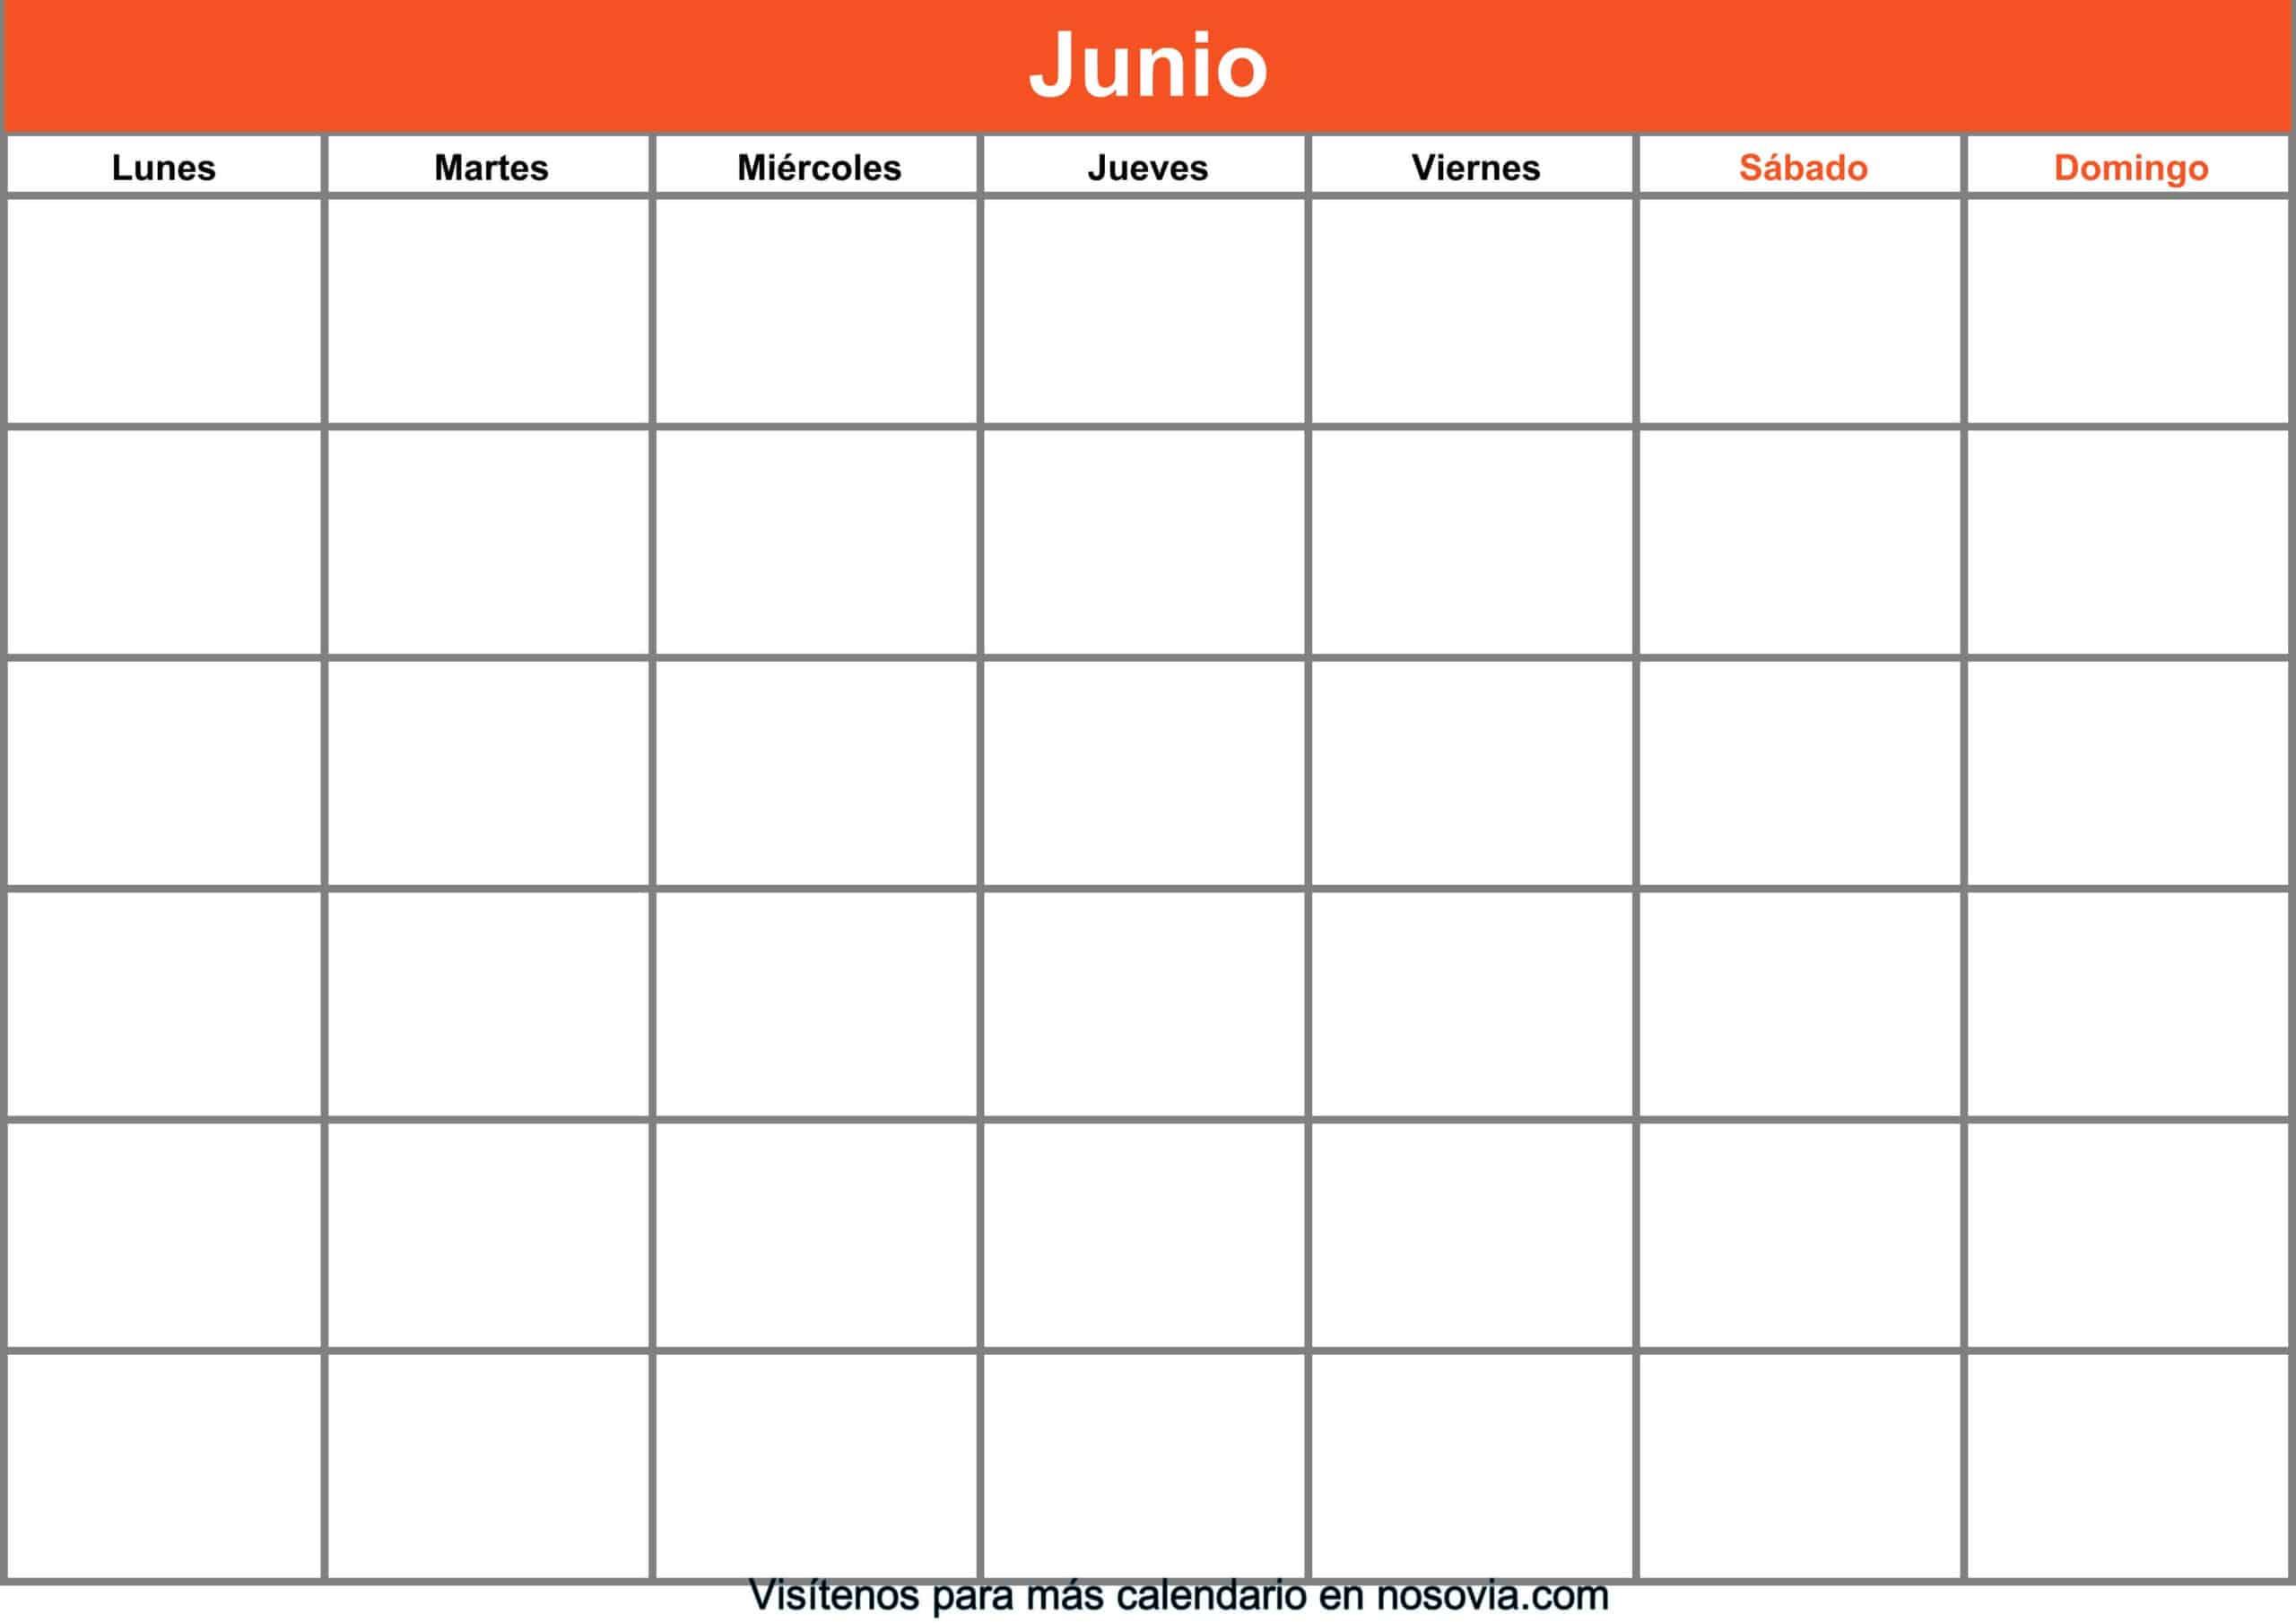 Calendario-junio-2020-en-blanco-plantilla-gratis